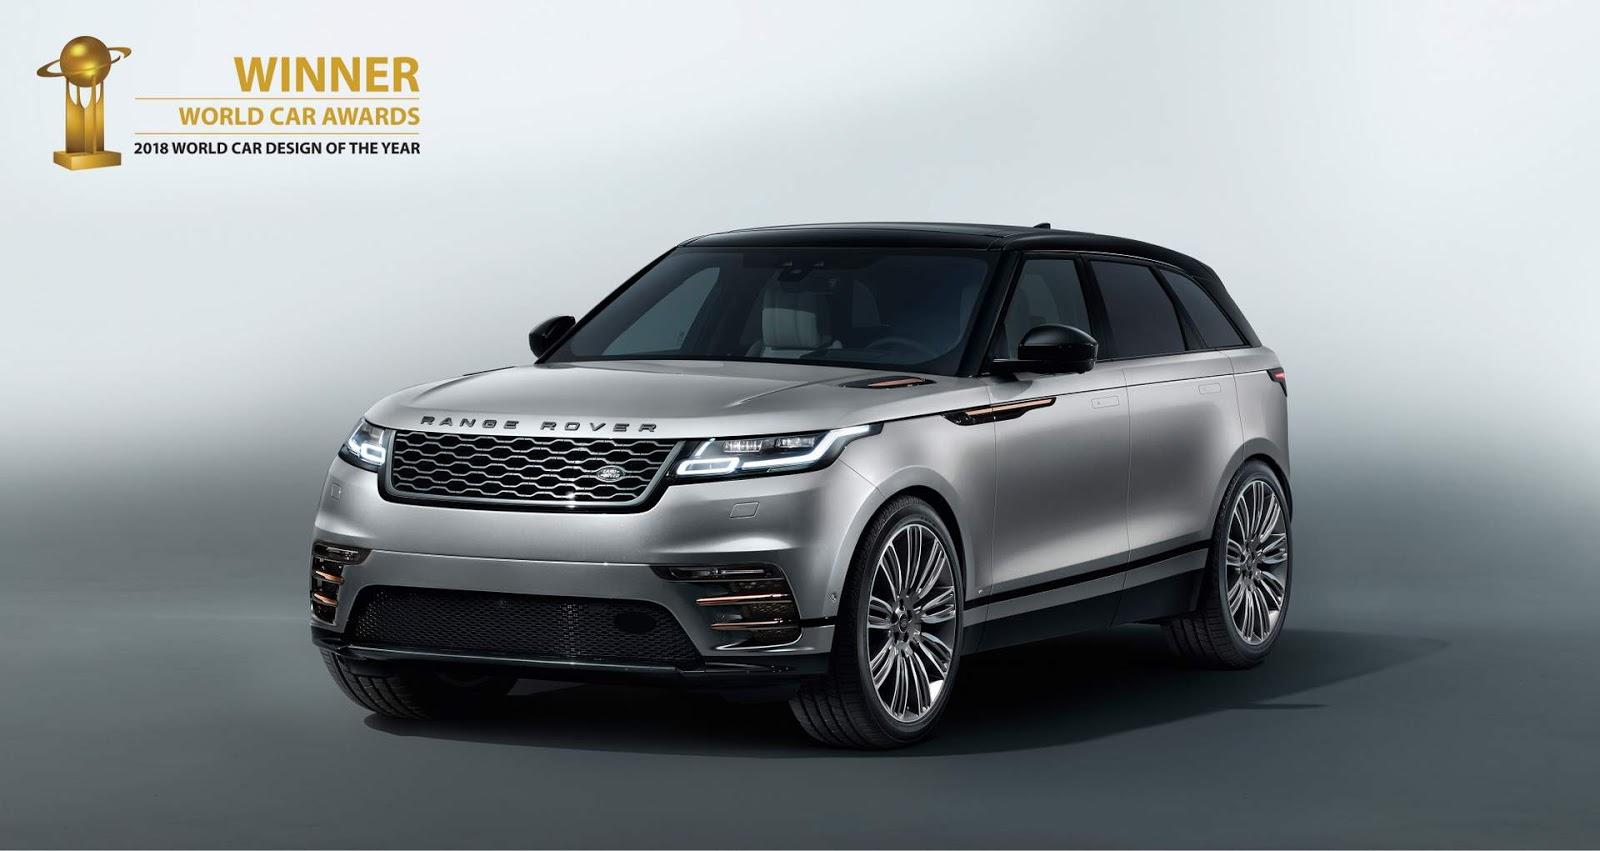 Range Rover Velar Eleito O Carro Mais Bonito Do Mundo